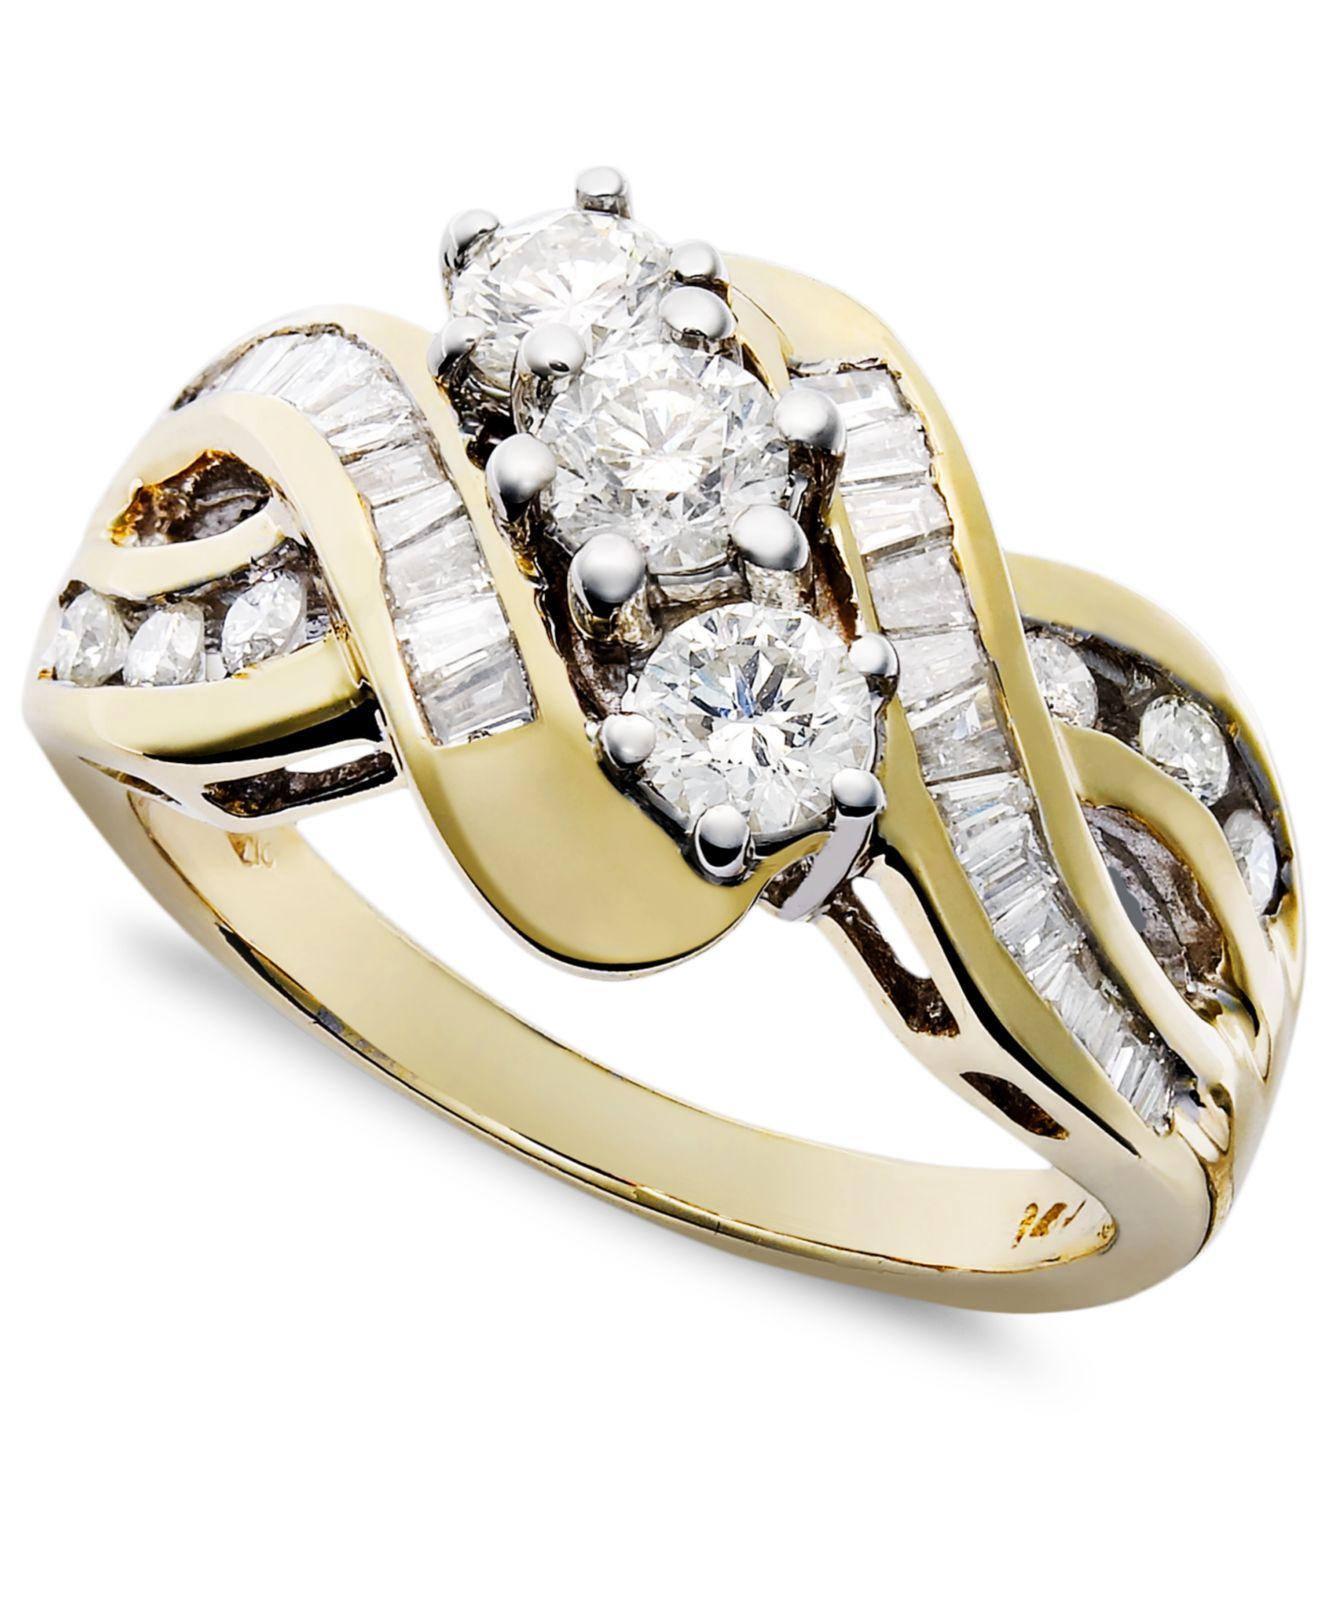 Macy s Three stone Diamond Braid Ring In 14k Yellow White Gold 1 Ct